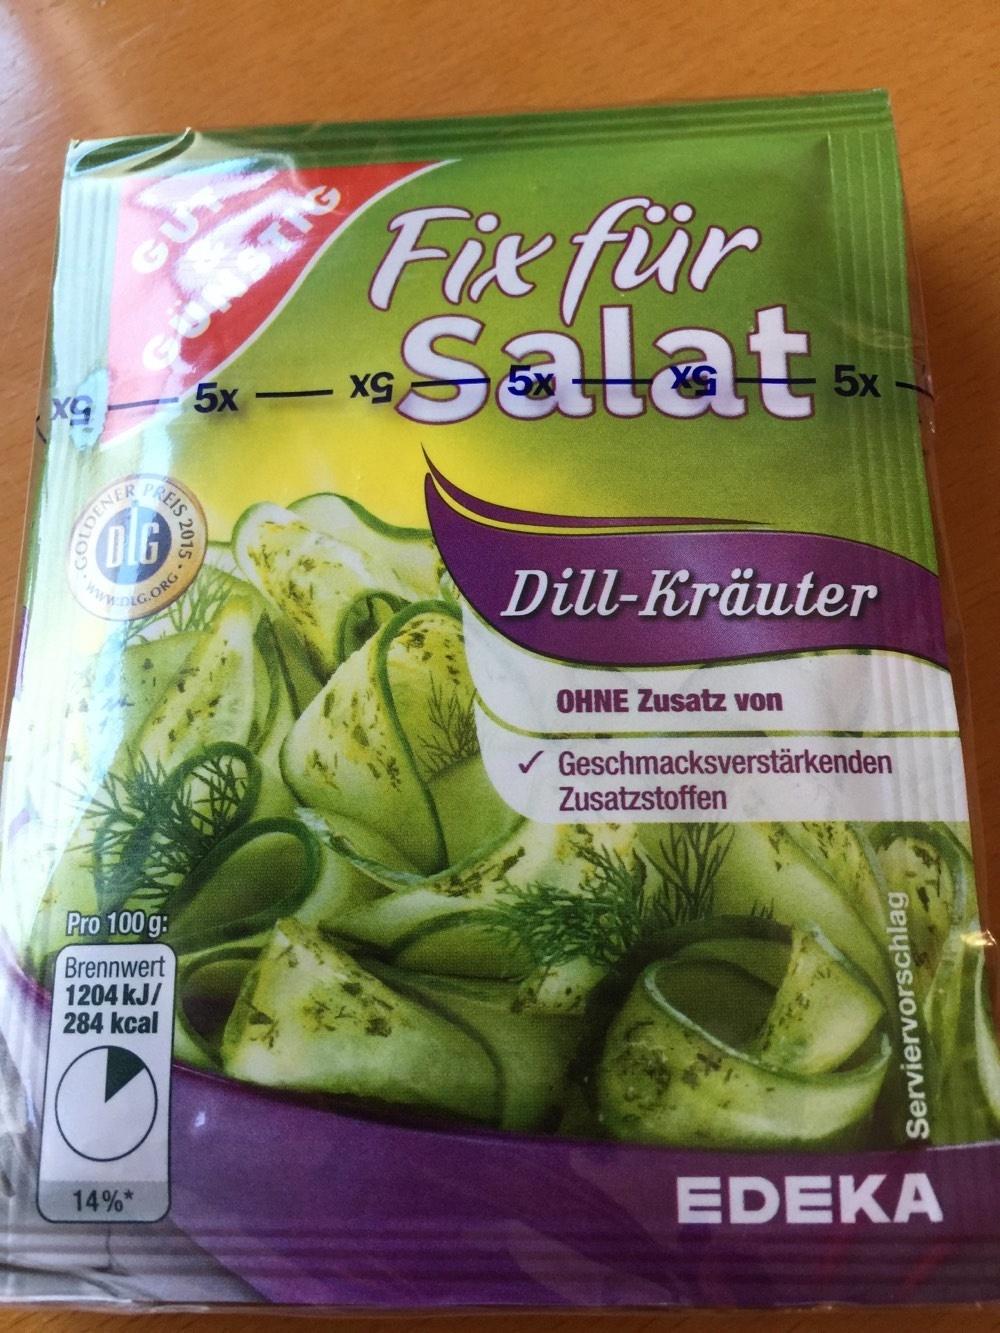 Top Fix für Salat Dill-Kräuter - Gut & Günstig - 10 g @FR_76